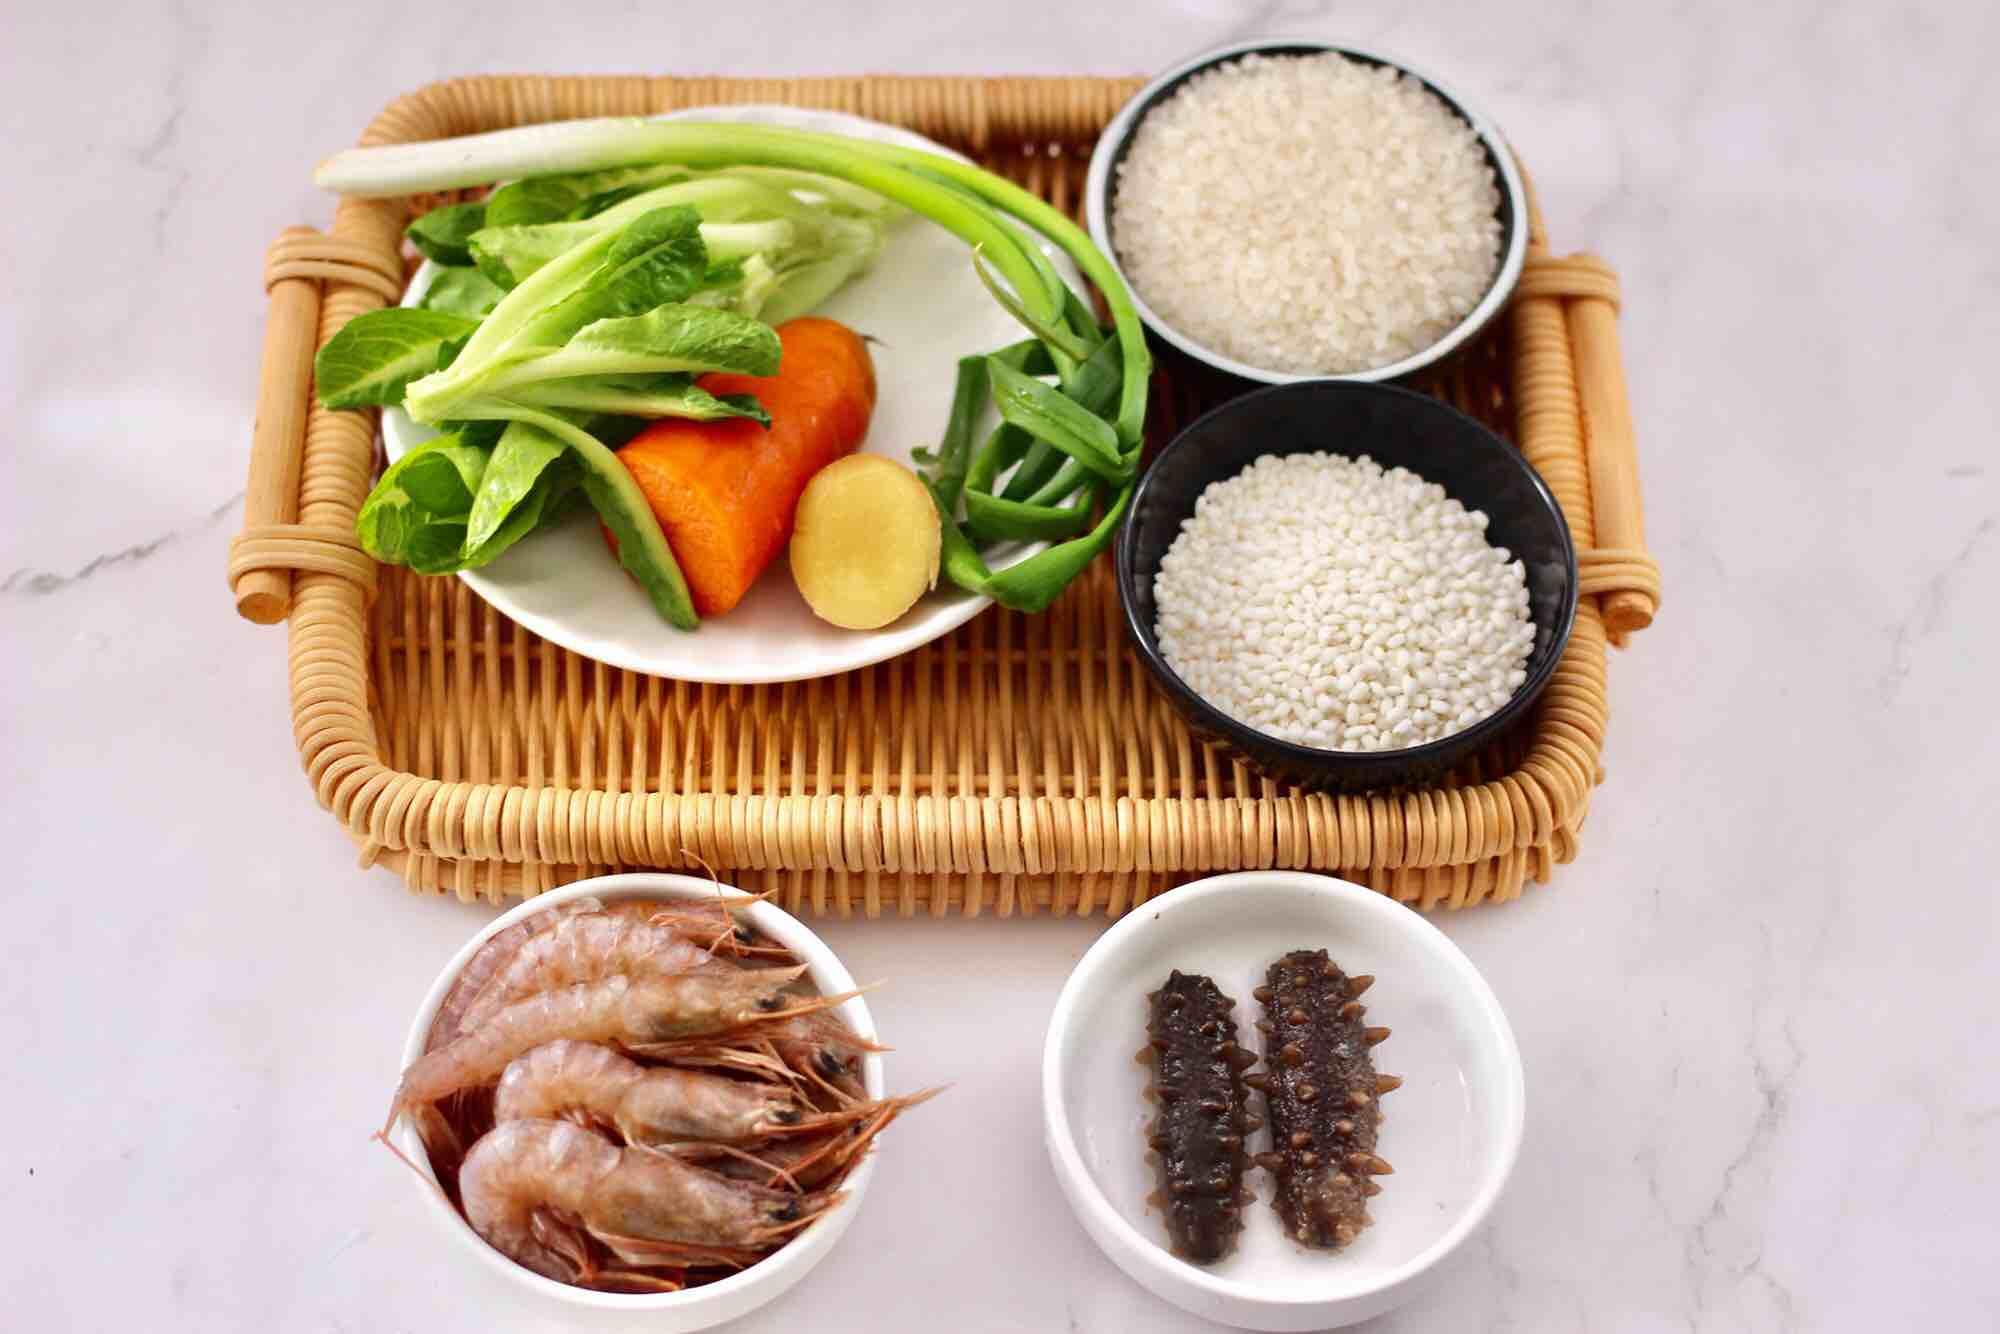 鲜虾海参砂锅粥的做法大全